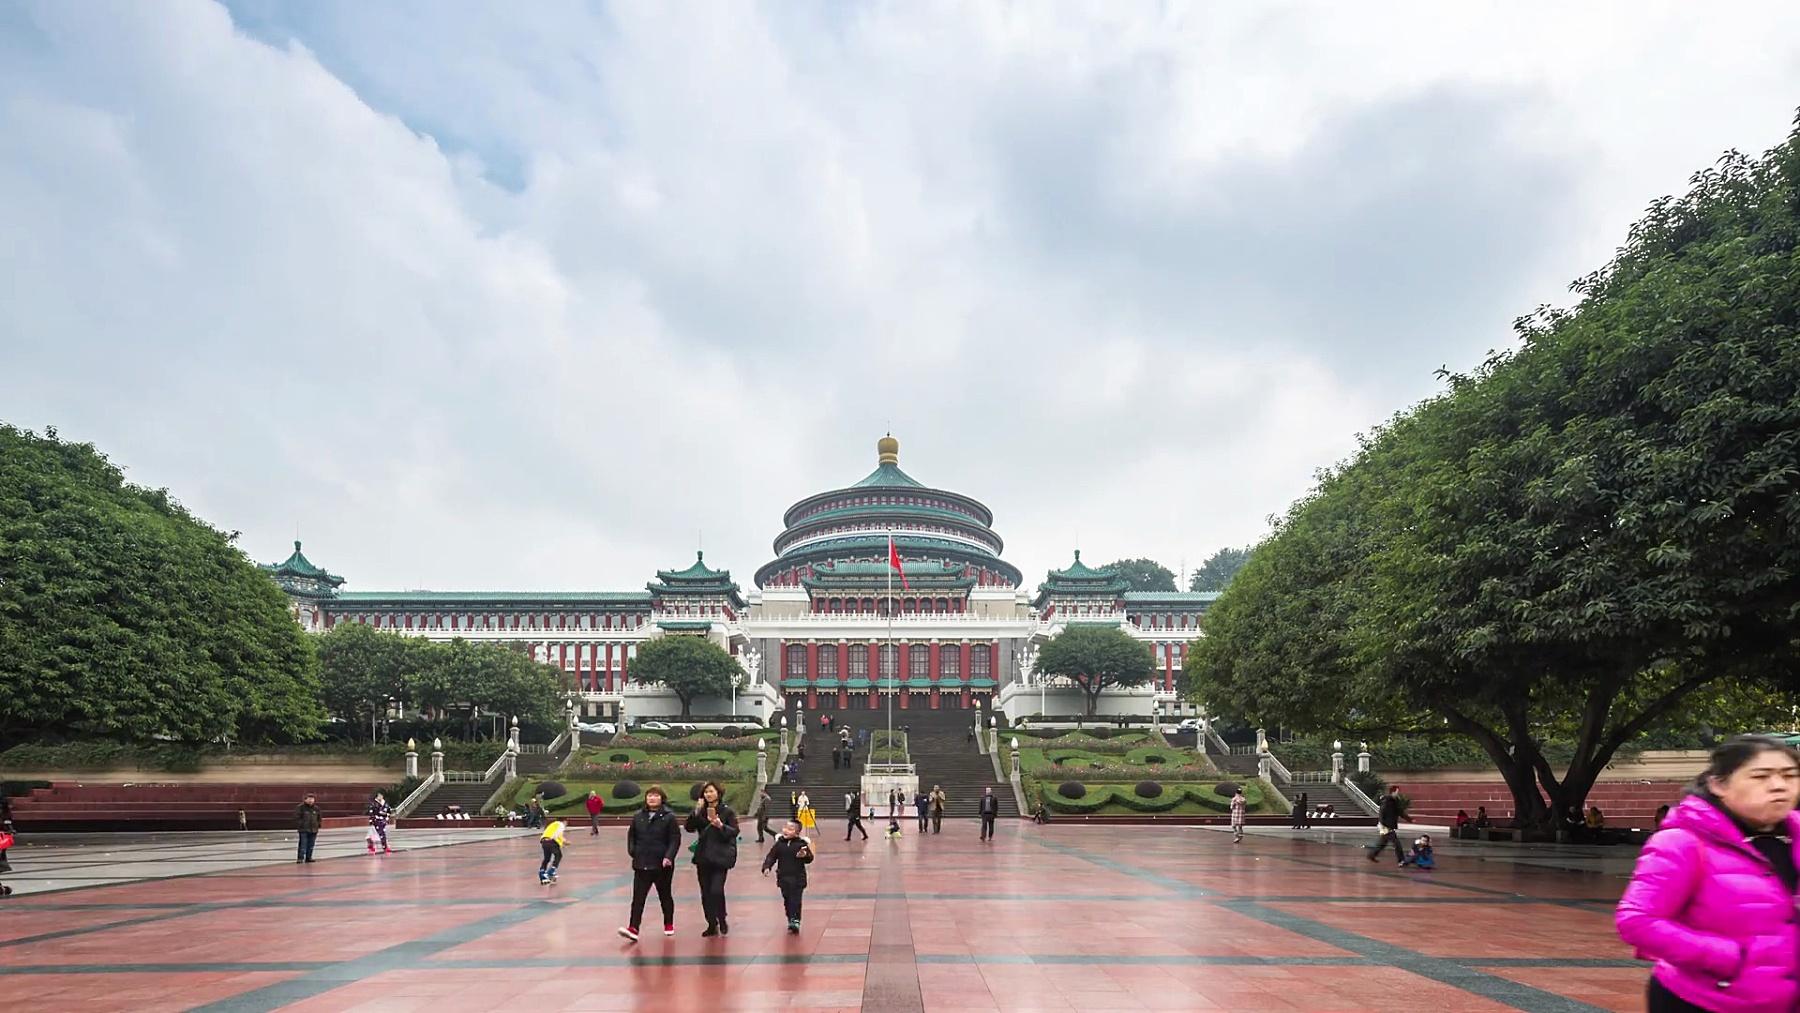 重庆著名广场上拥挤的人群。延时